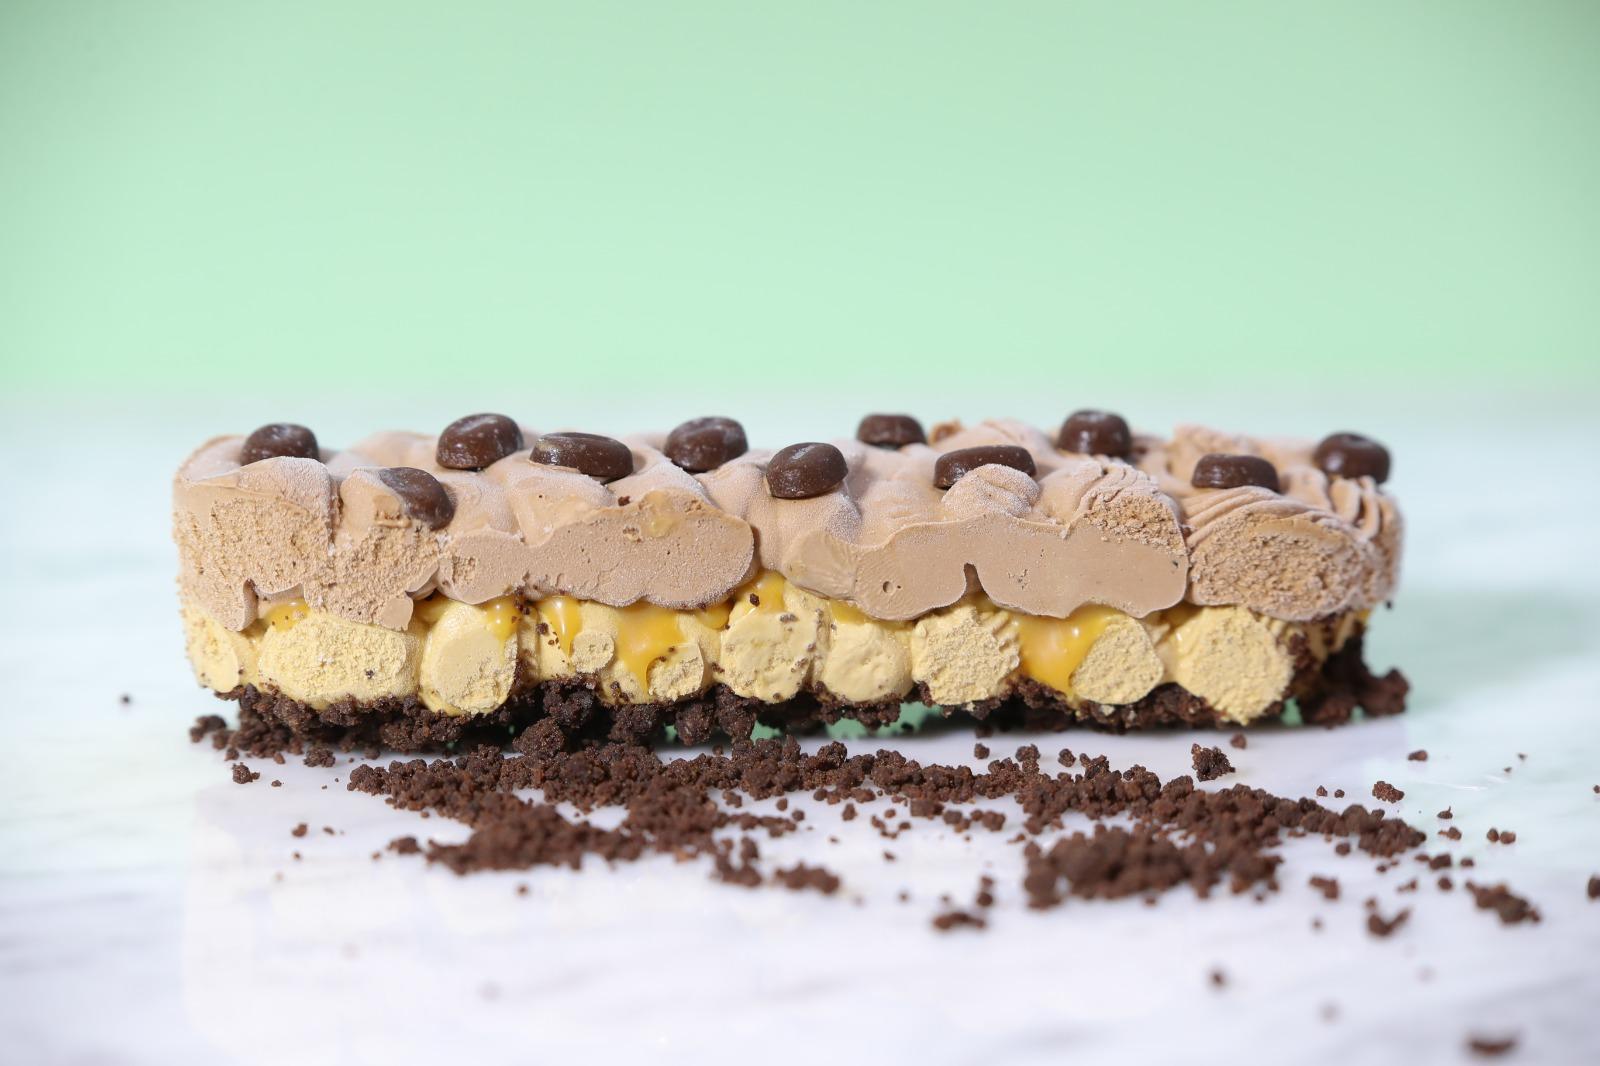 גלידת מיסטיק. צילום: OVLAC